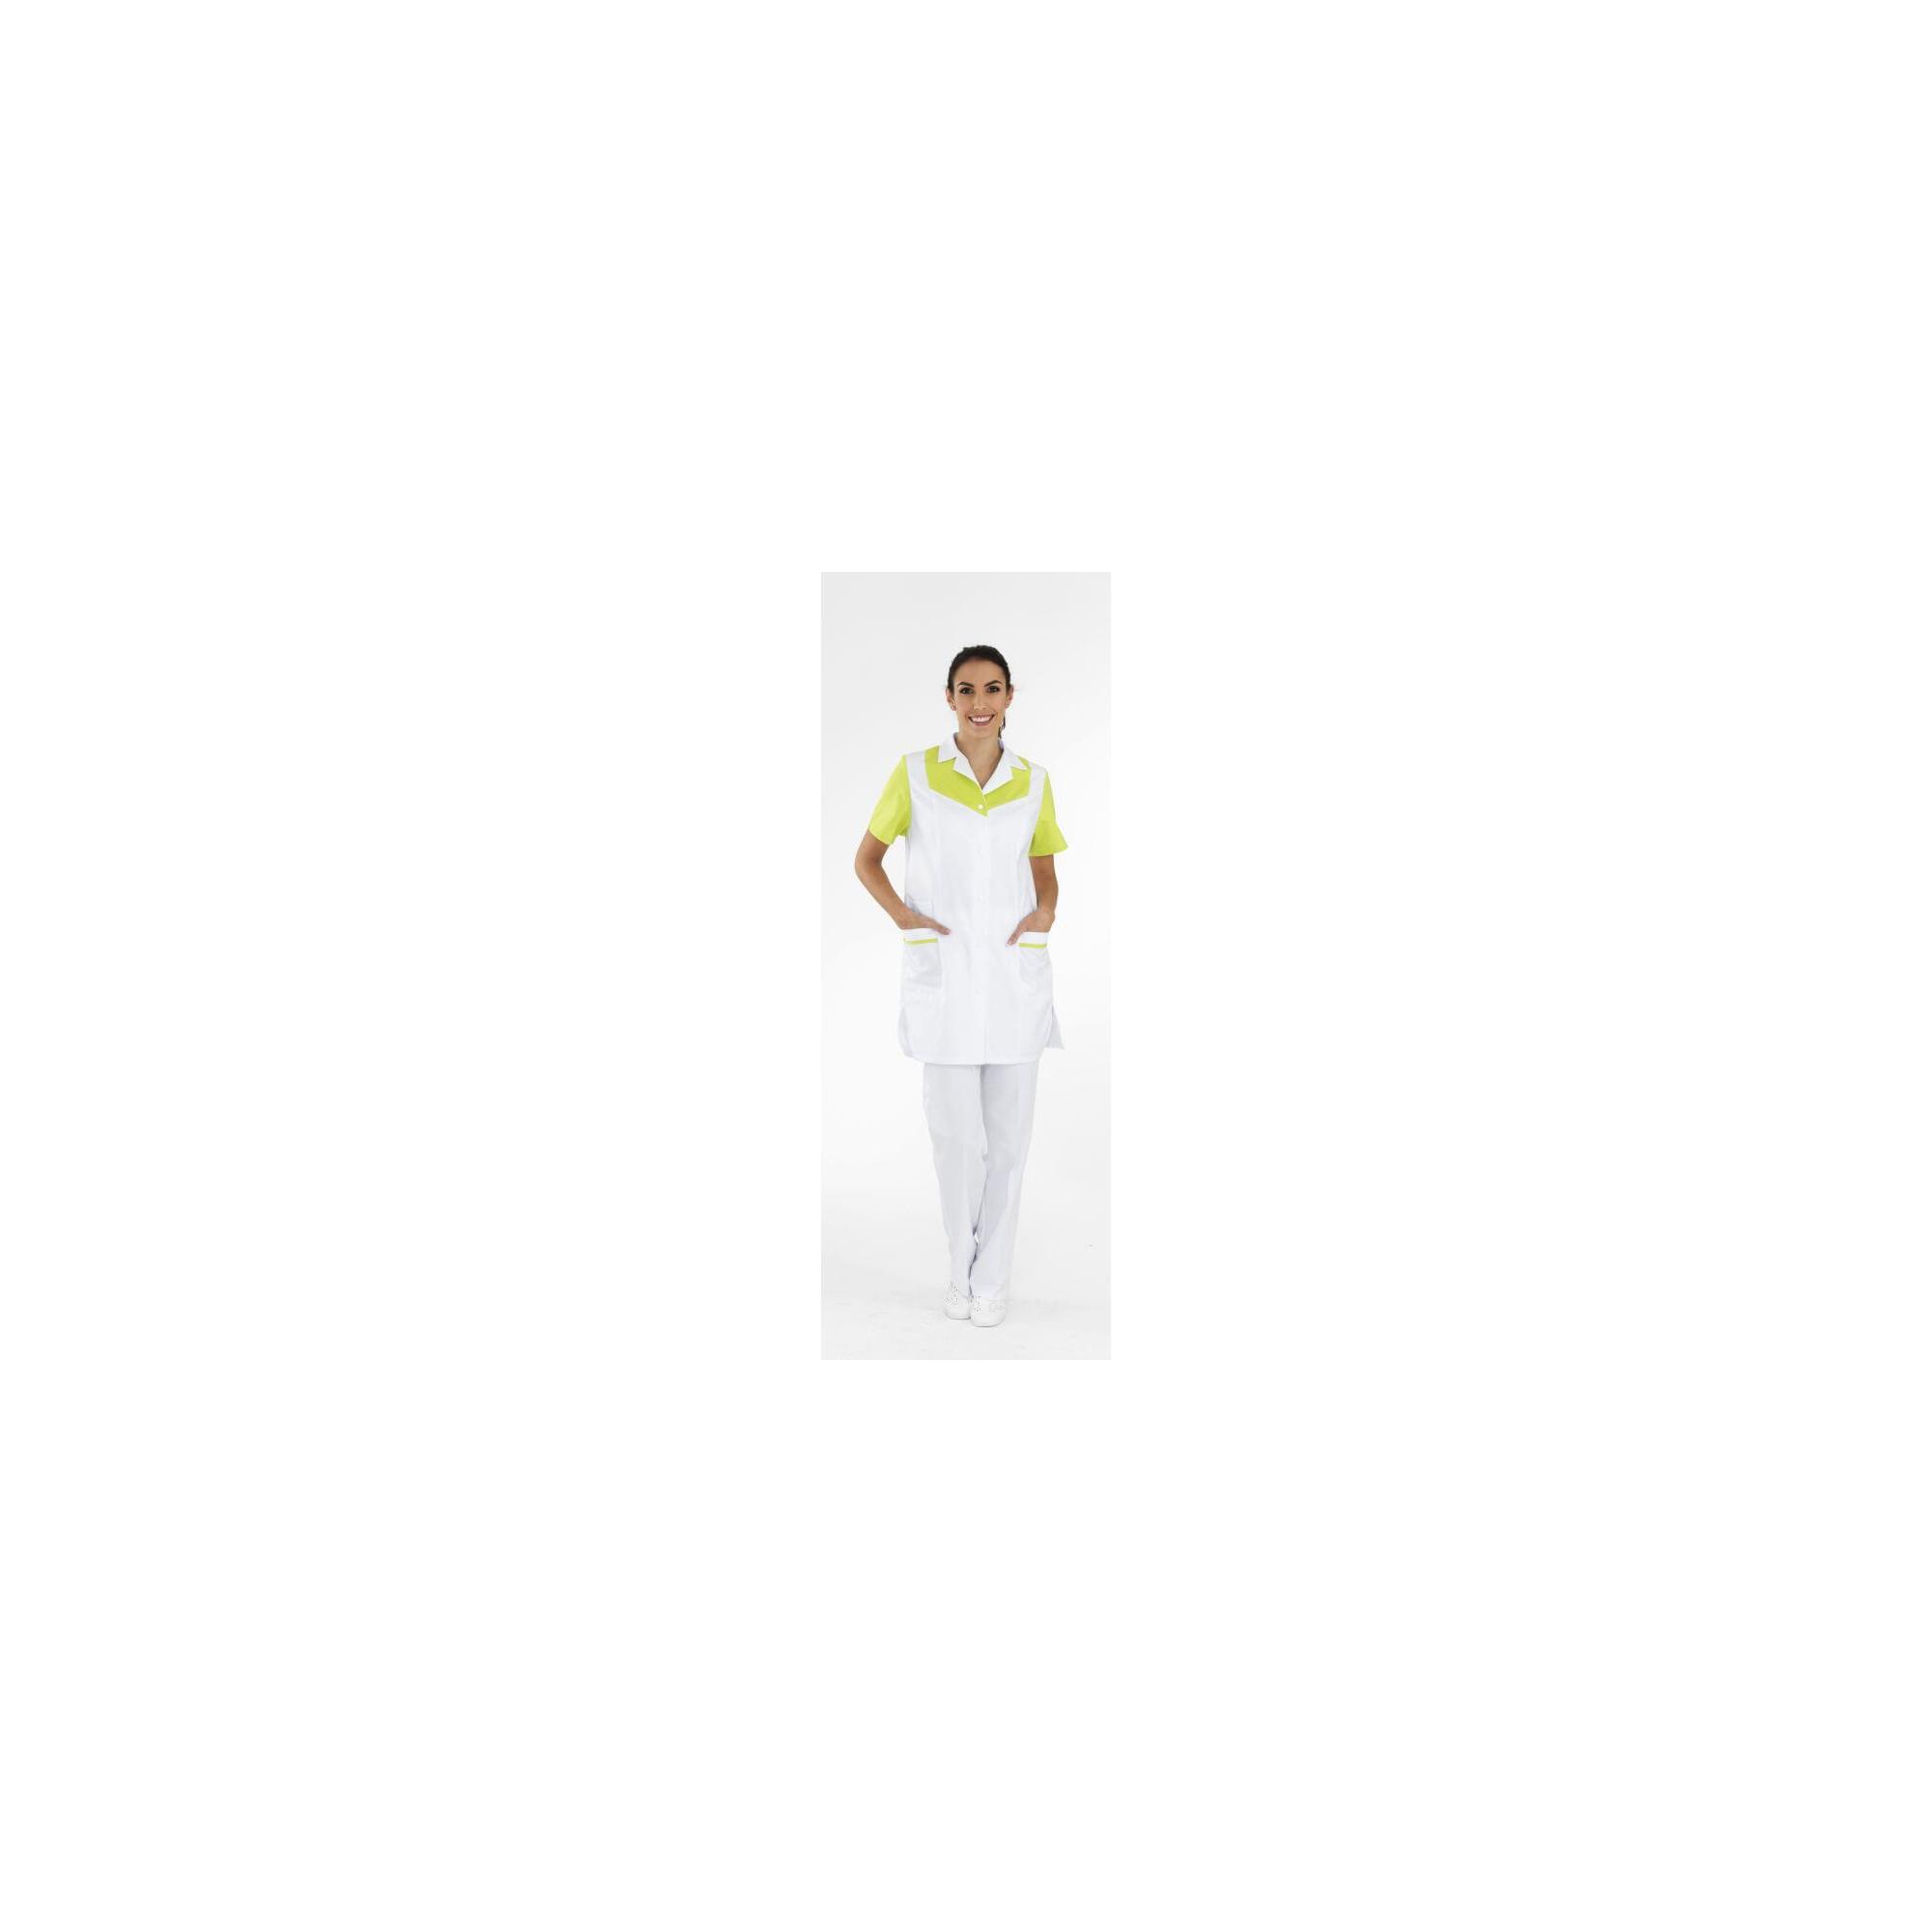 Marion - Blouse 3/4 - Manches courtes - Femme - 85 cm